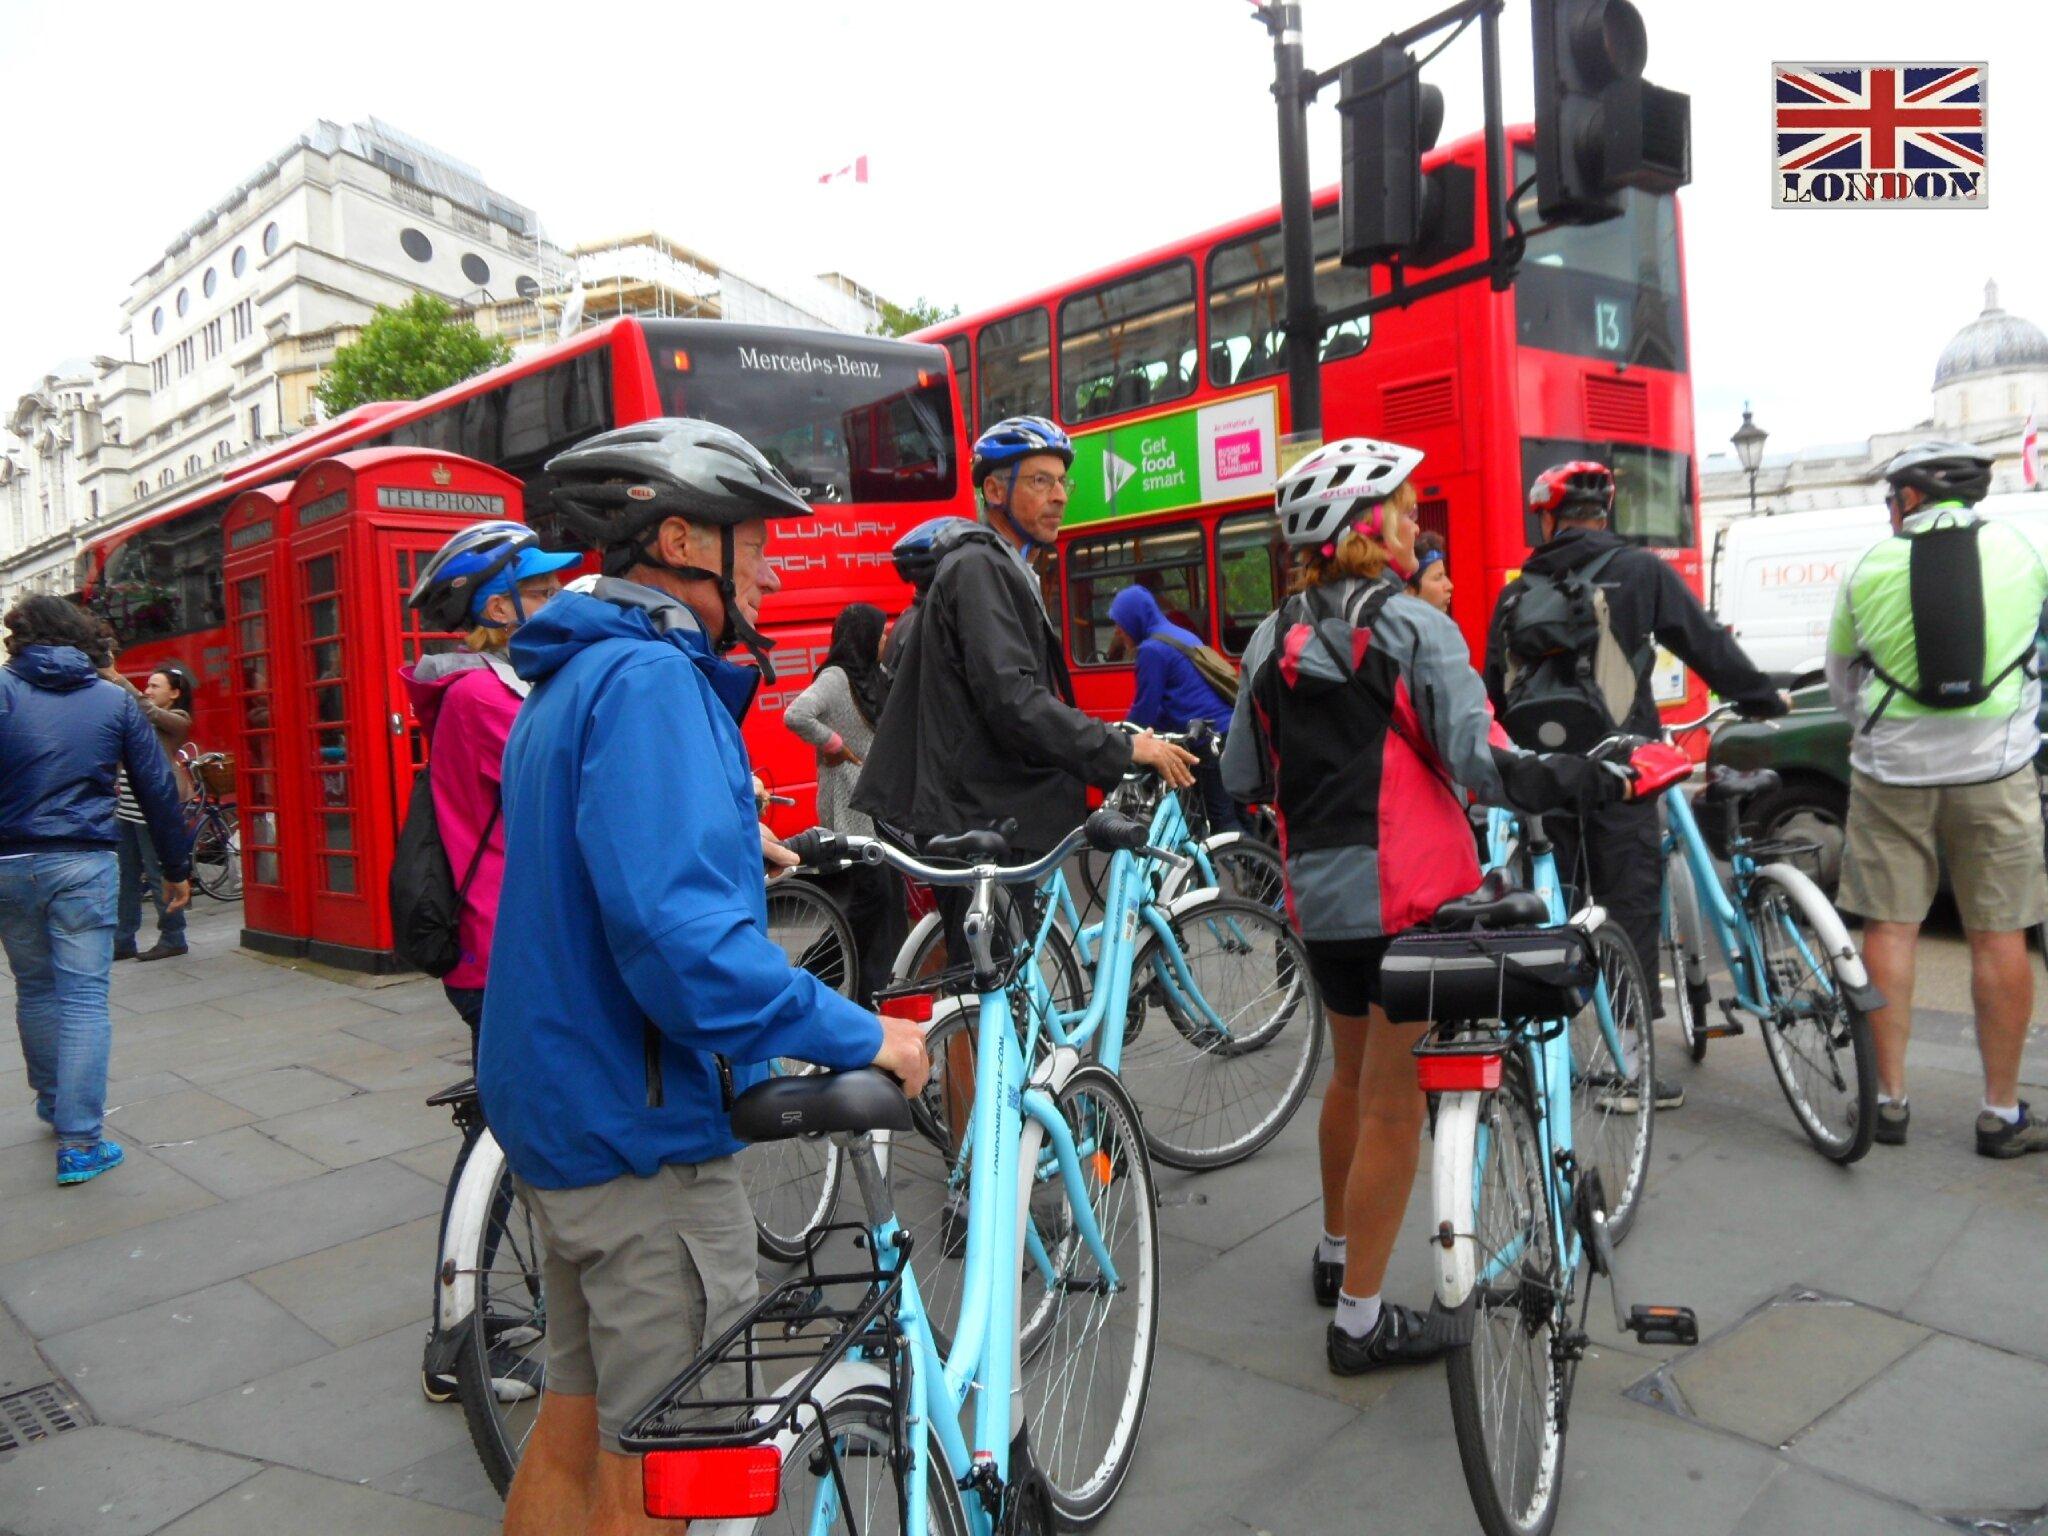 YERRES LONDRES - séjour de randonnées à vélo